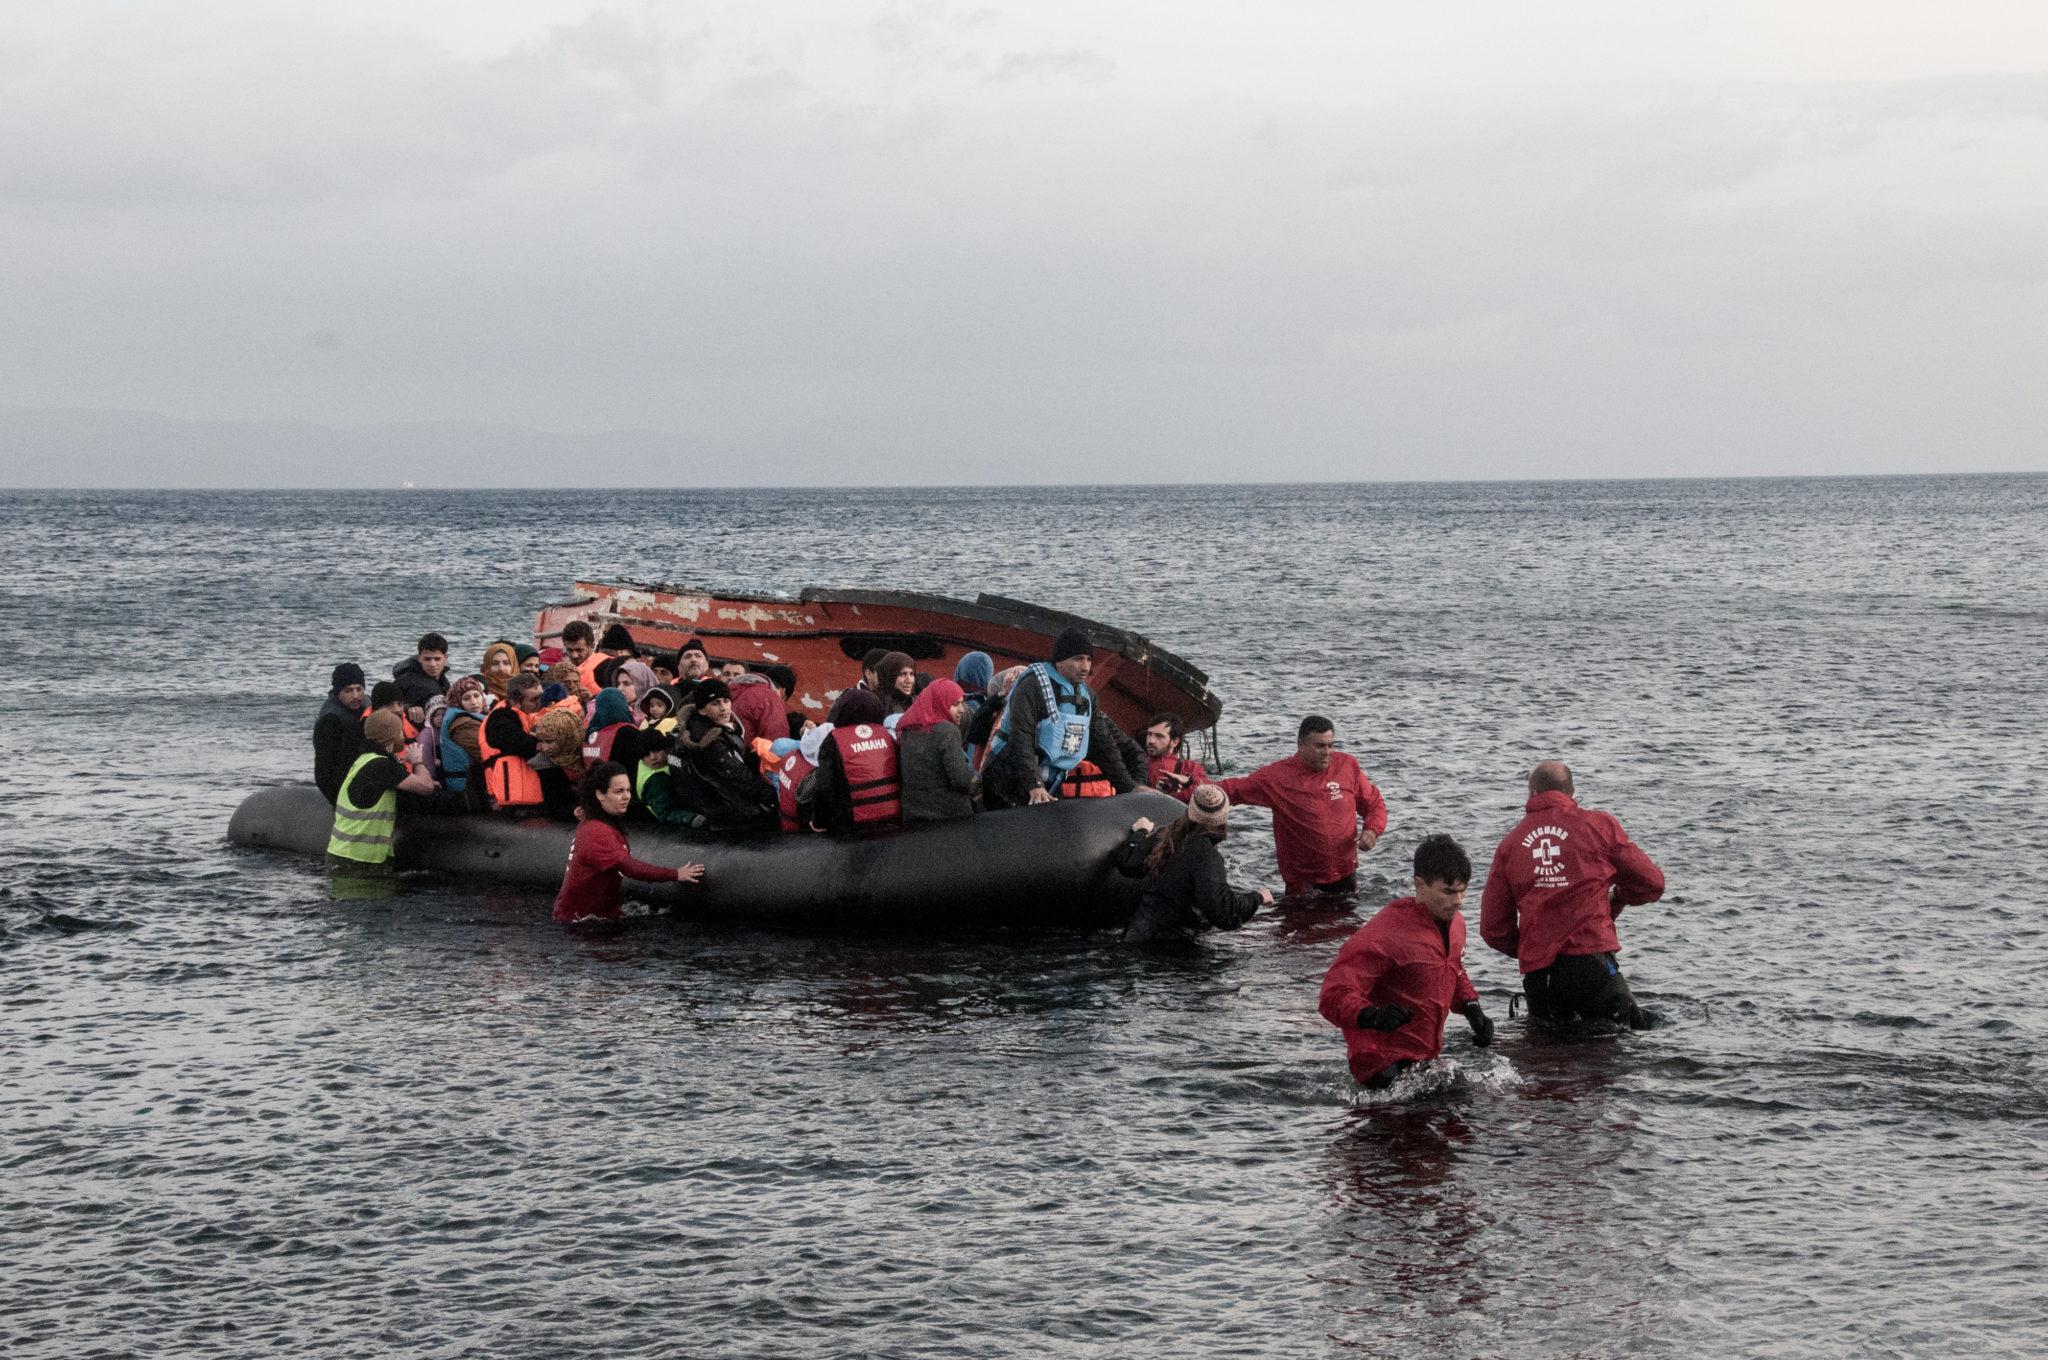 EU: Commission proposals risk a dangerous expansion of failed migration policies